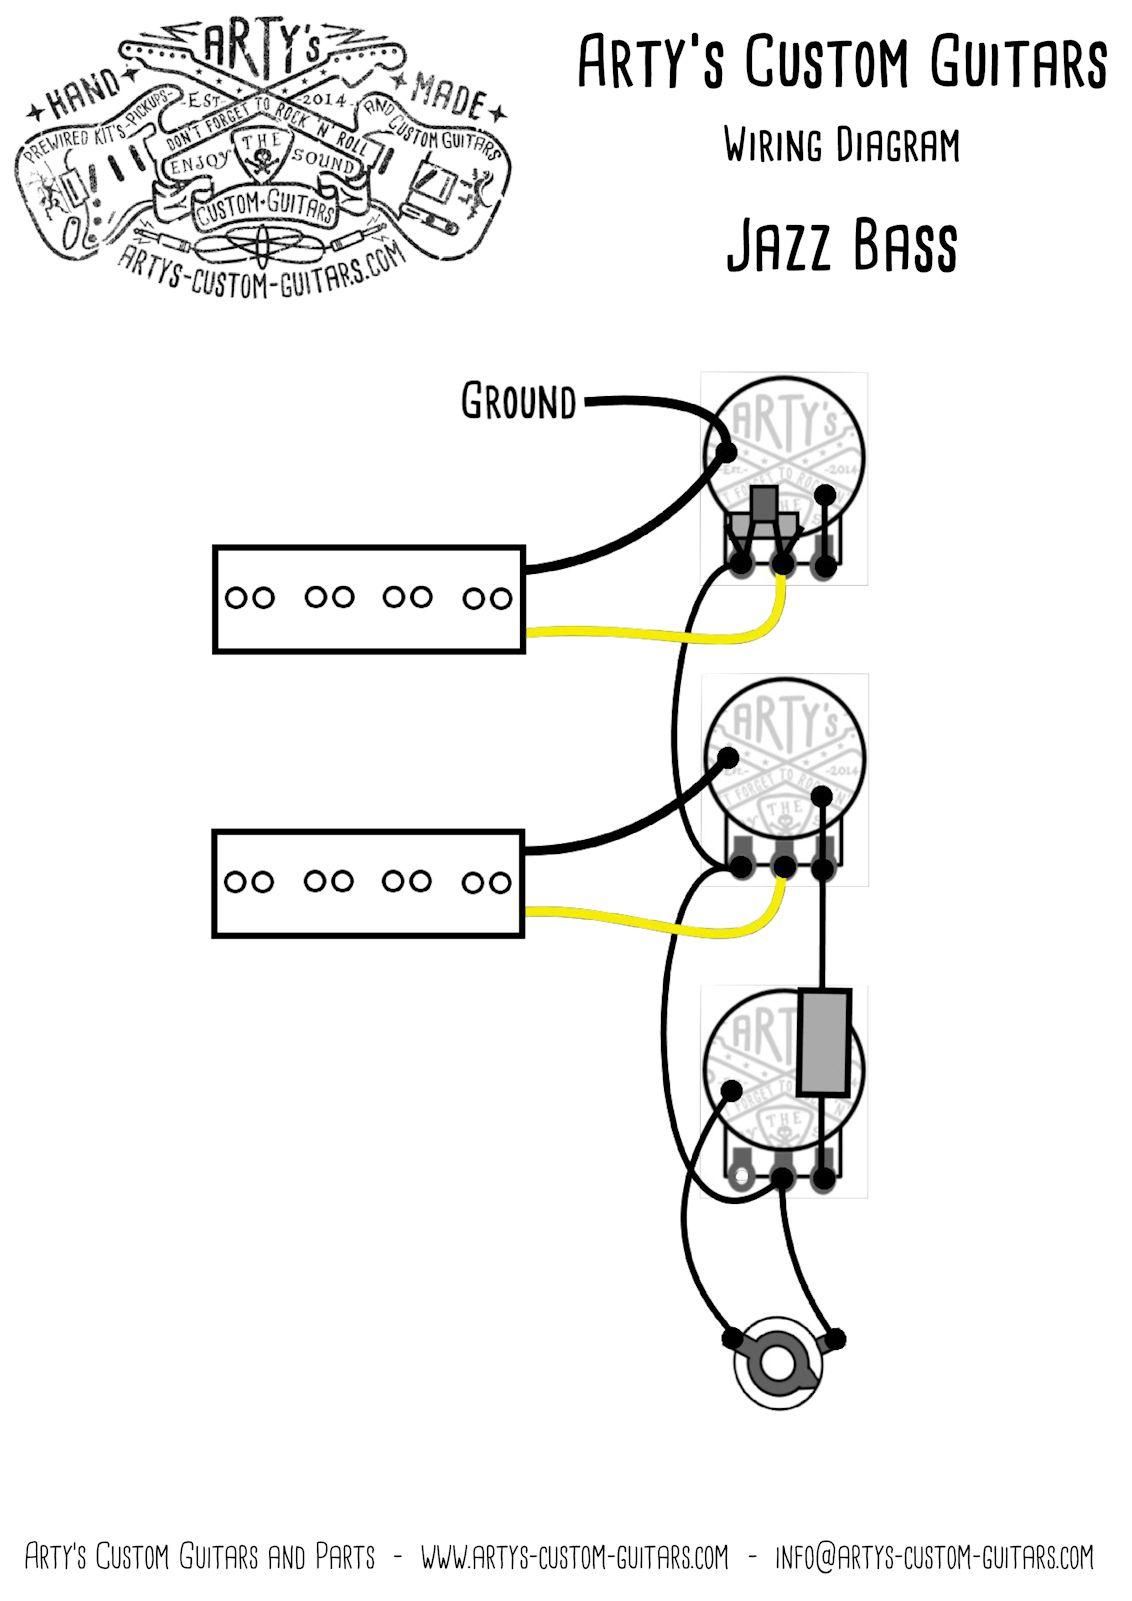 WIRING HARNESS Jazz Bass Balance J-Bass (com imagens